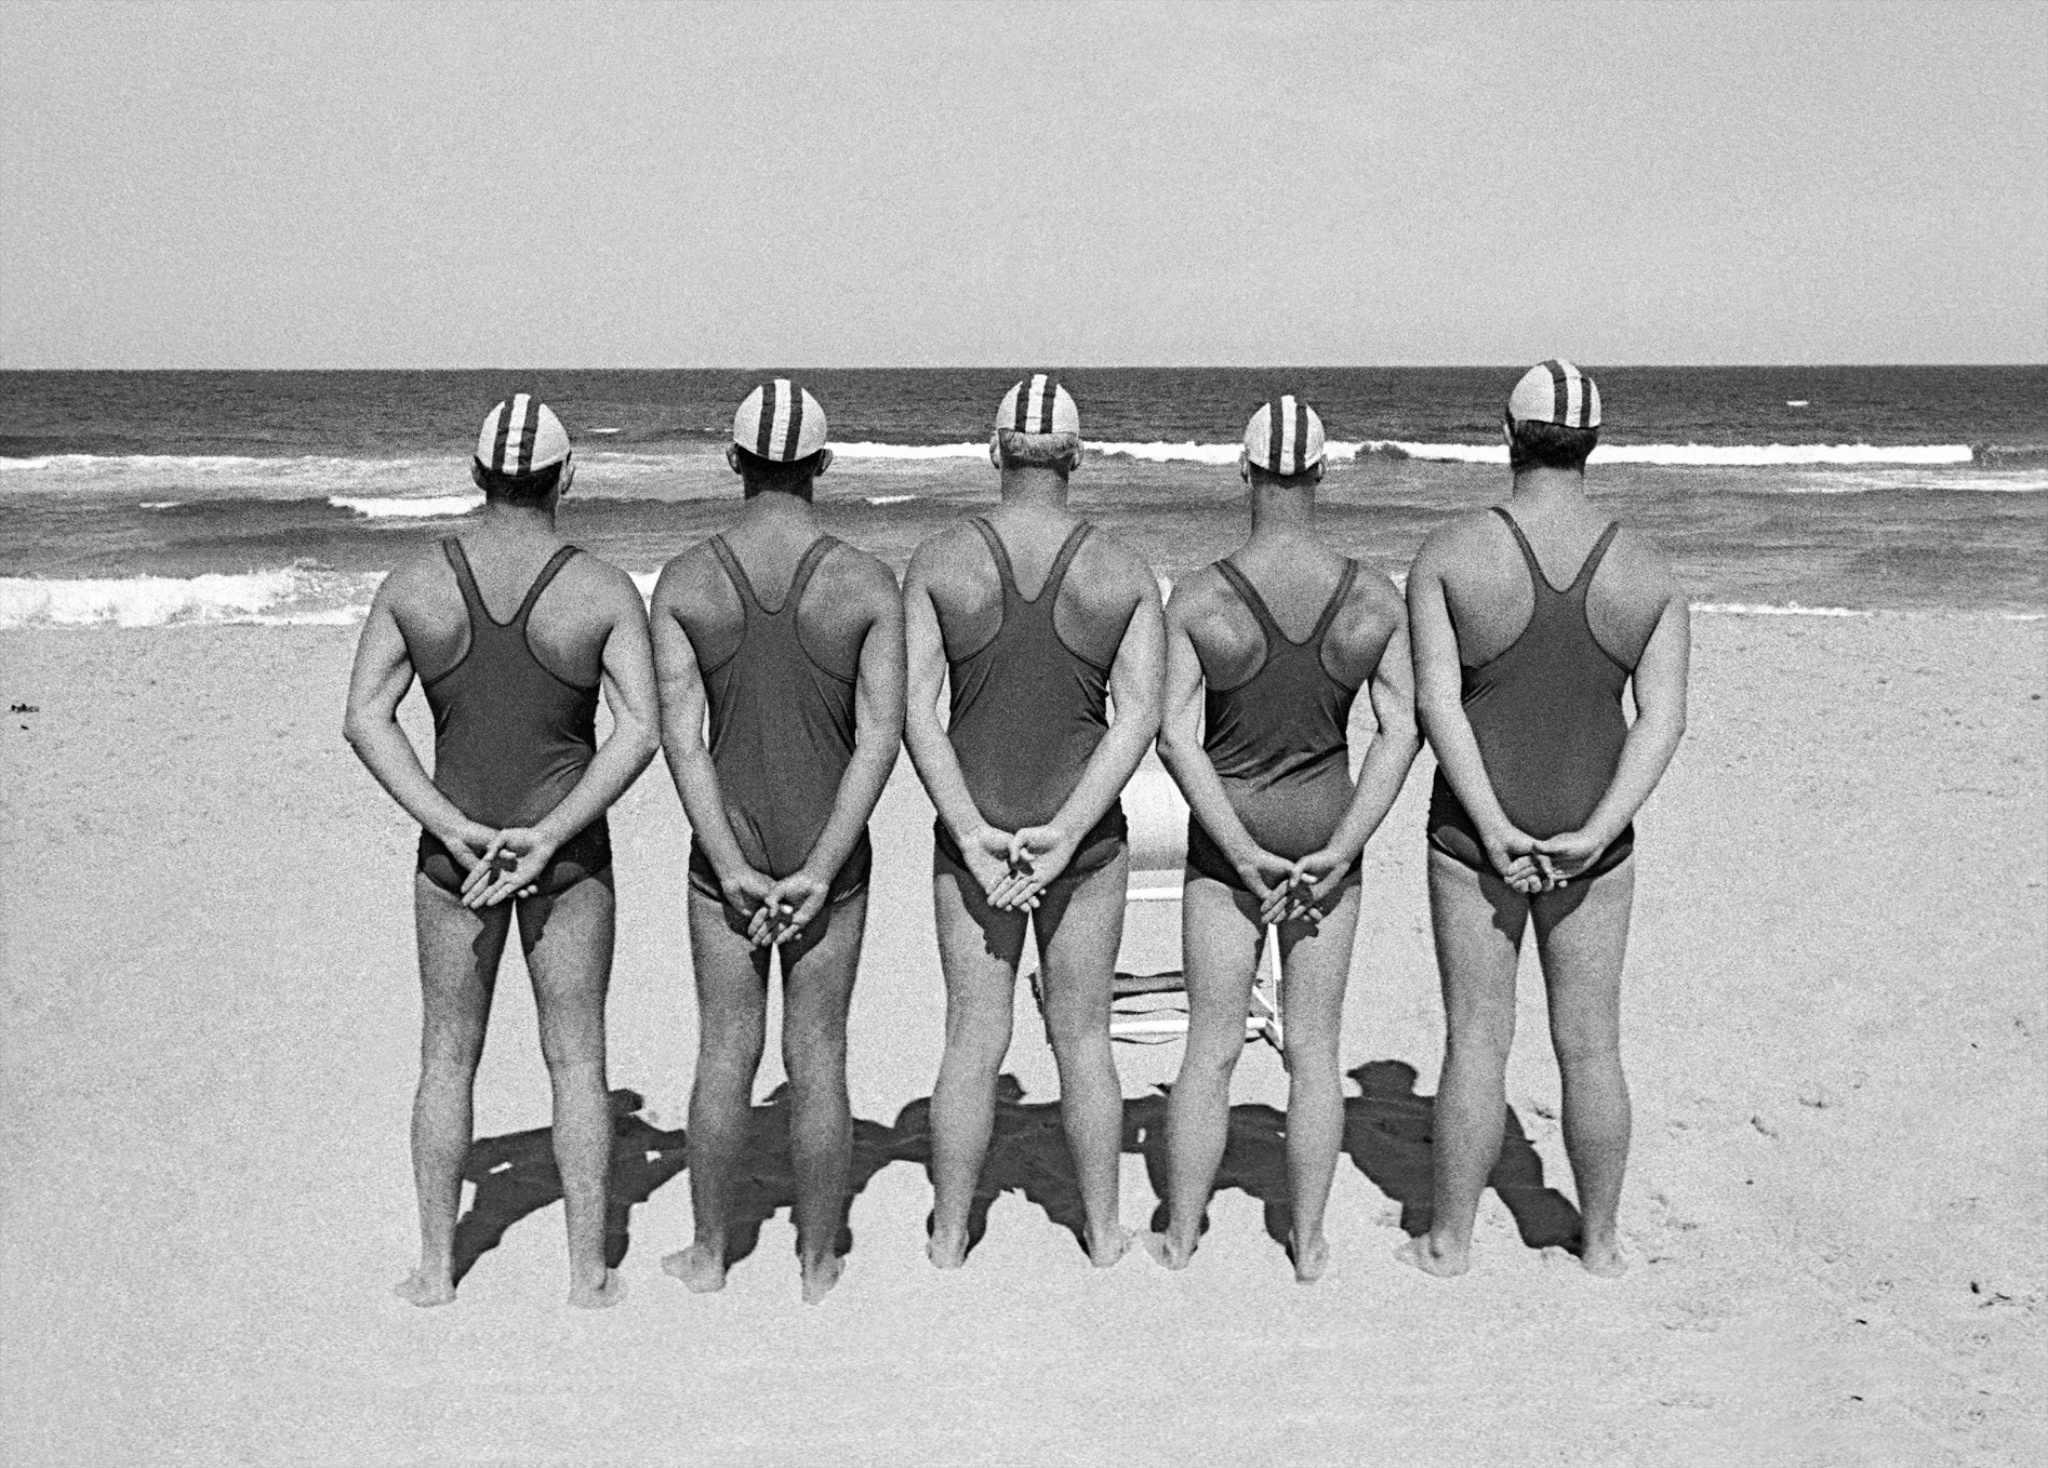 Fotó: Frank Horvat: Five Life Savers from the back (a), Sidney, Australia, 1963 © Frank Horvat